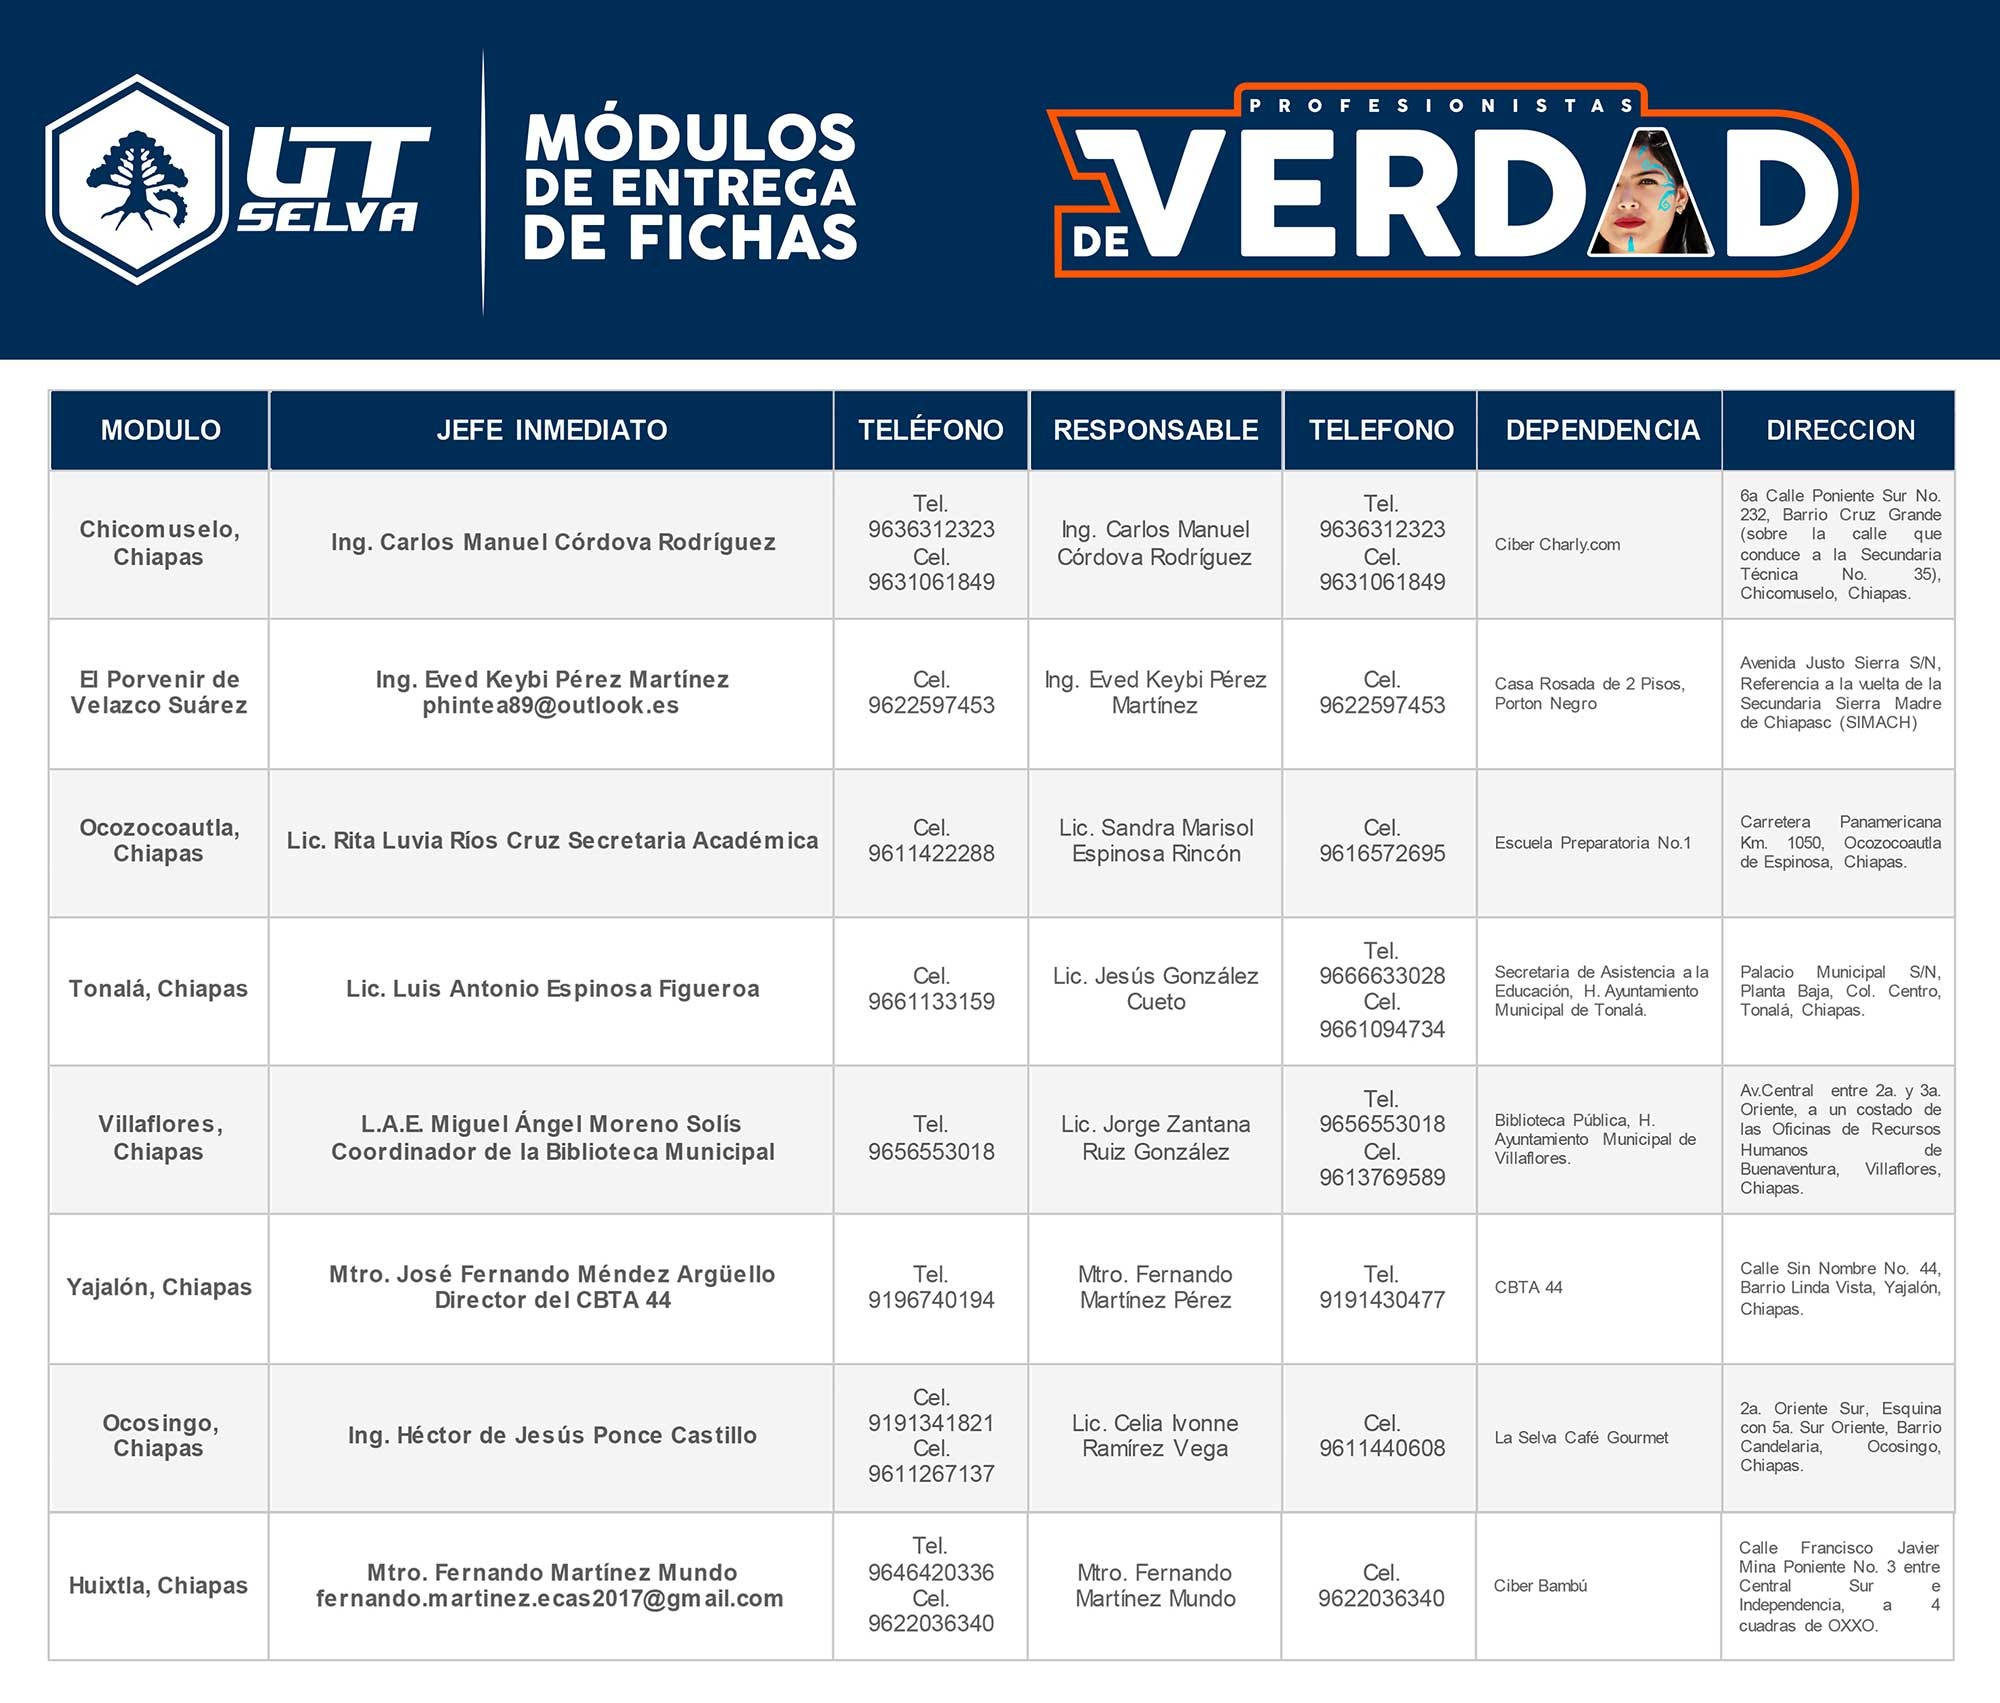 Calendario Agosto 2019 Mexico Más Recientes Universidad Tecnol³gica De La Selva Of Calendario Agosto 2019 Mexico Más Recientes Calendario Para Imprimir 2019 Enero Calendario Imprimir Enero